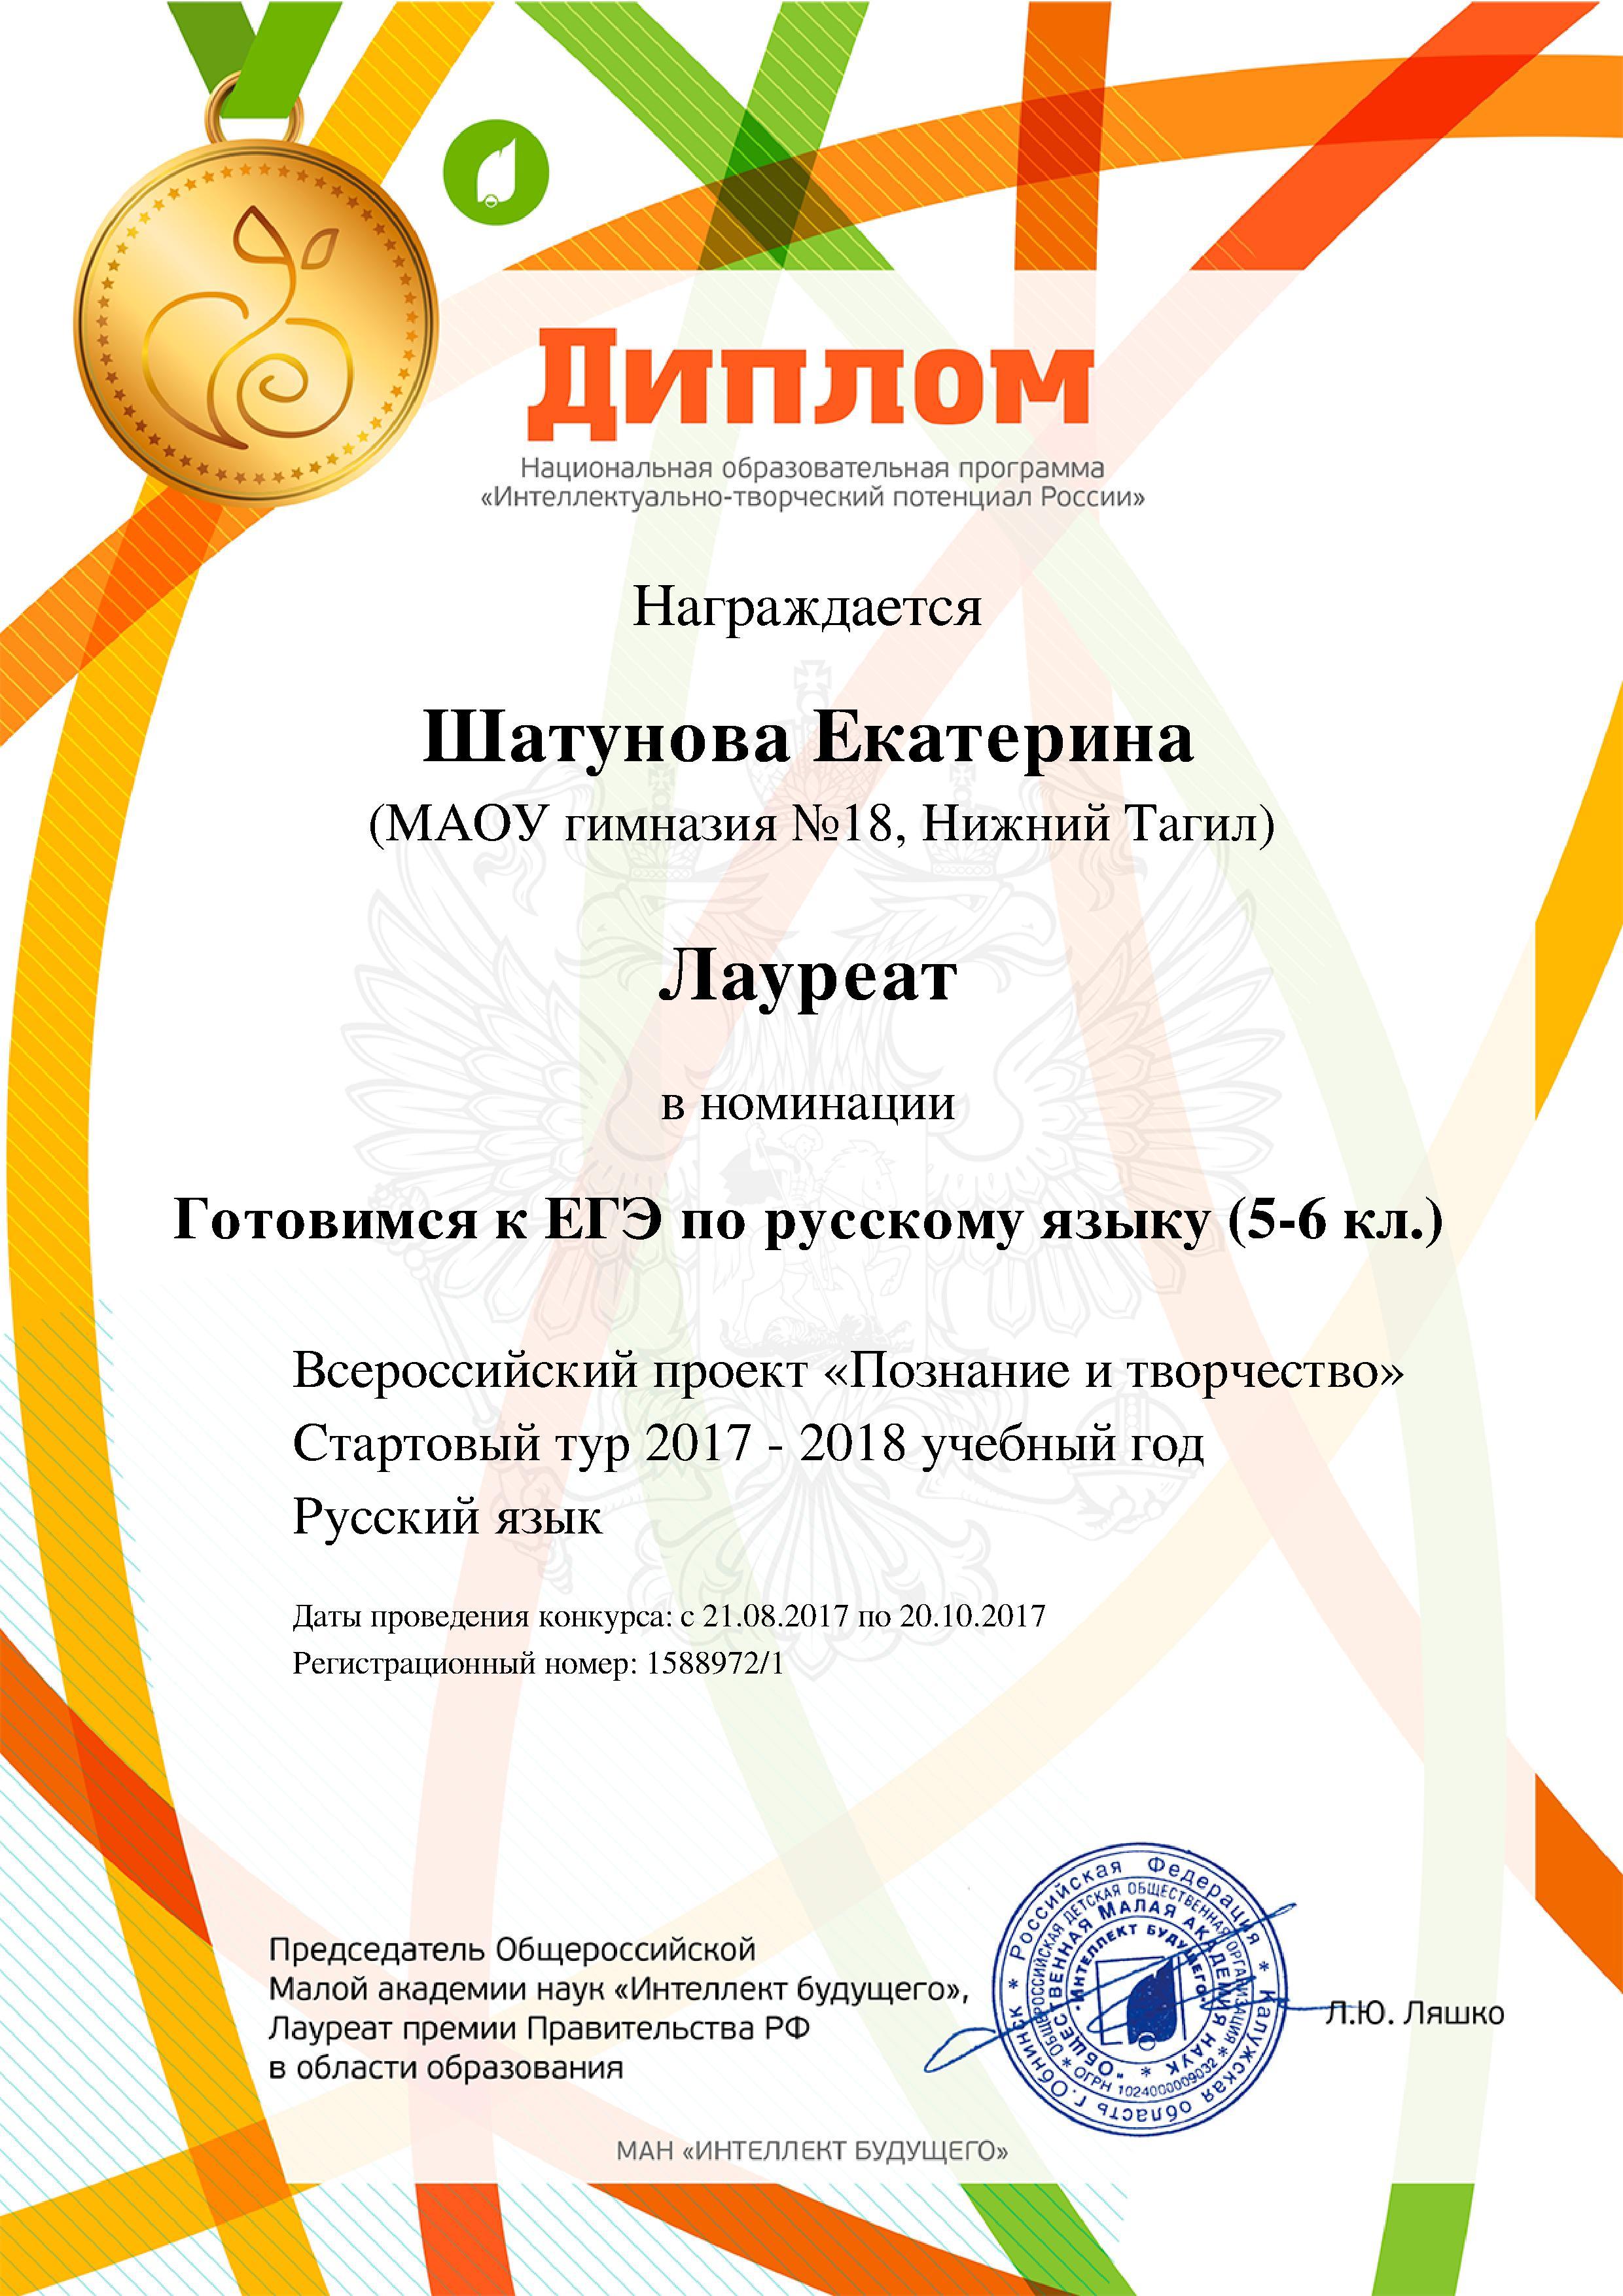 Шатунова Познание и творчество 2017